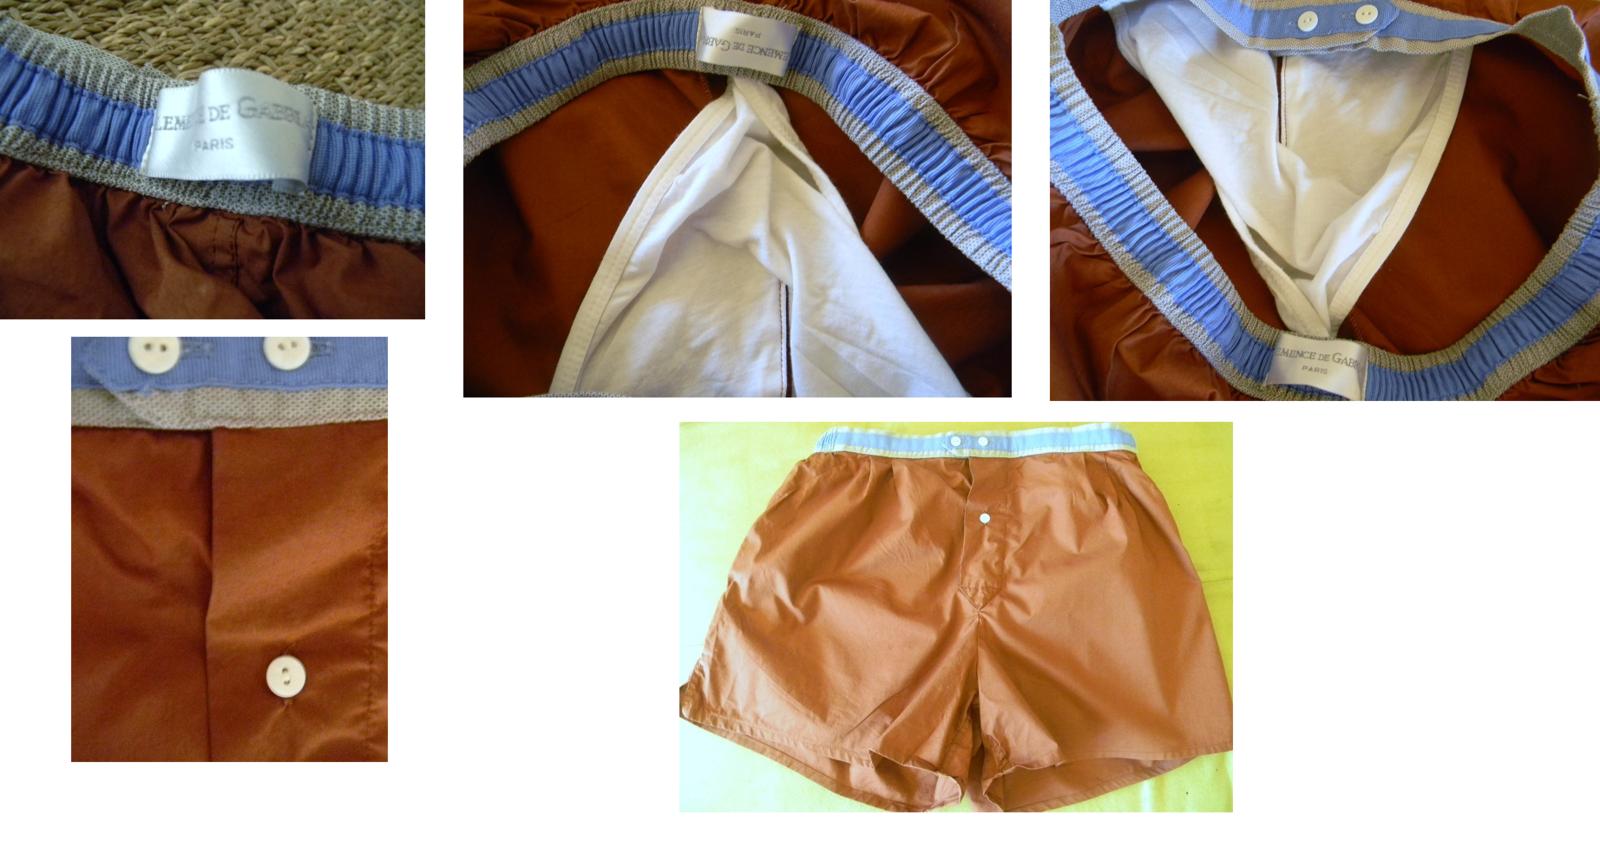 Les sous-vêtements haut de gamme Clémence De Gabriac